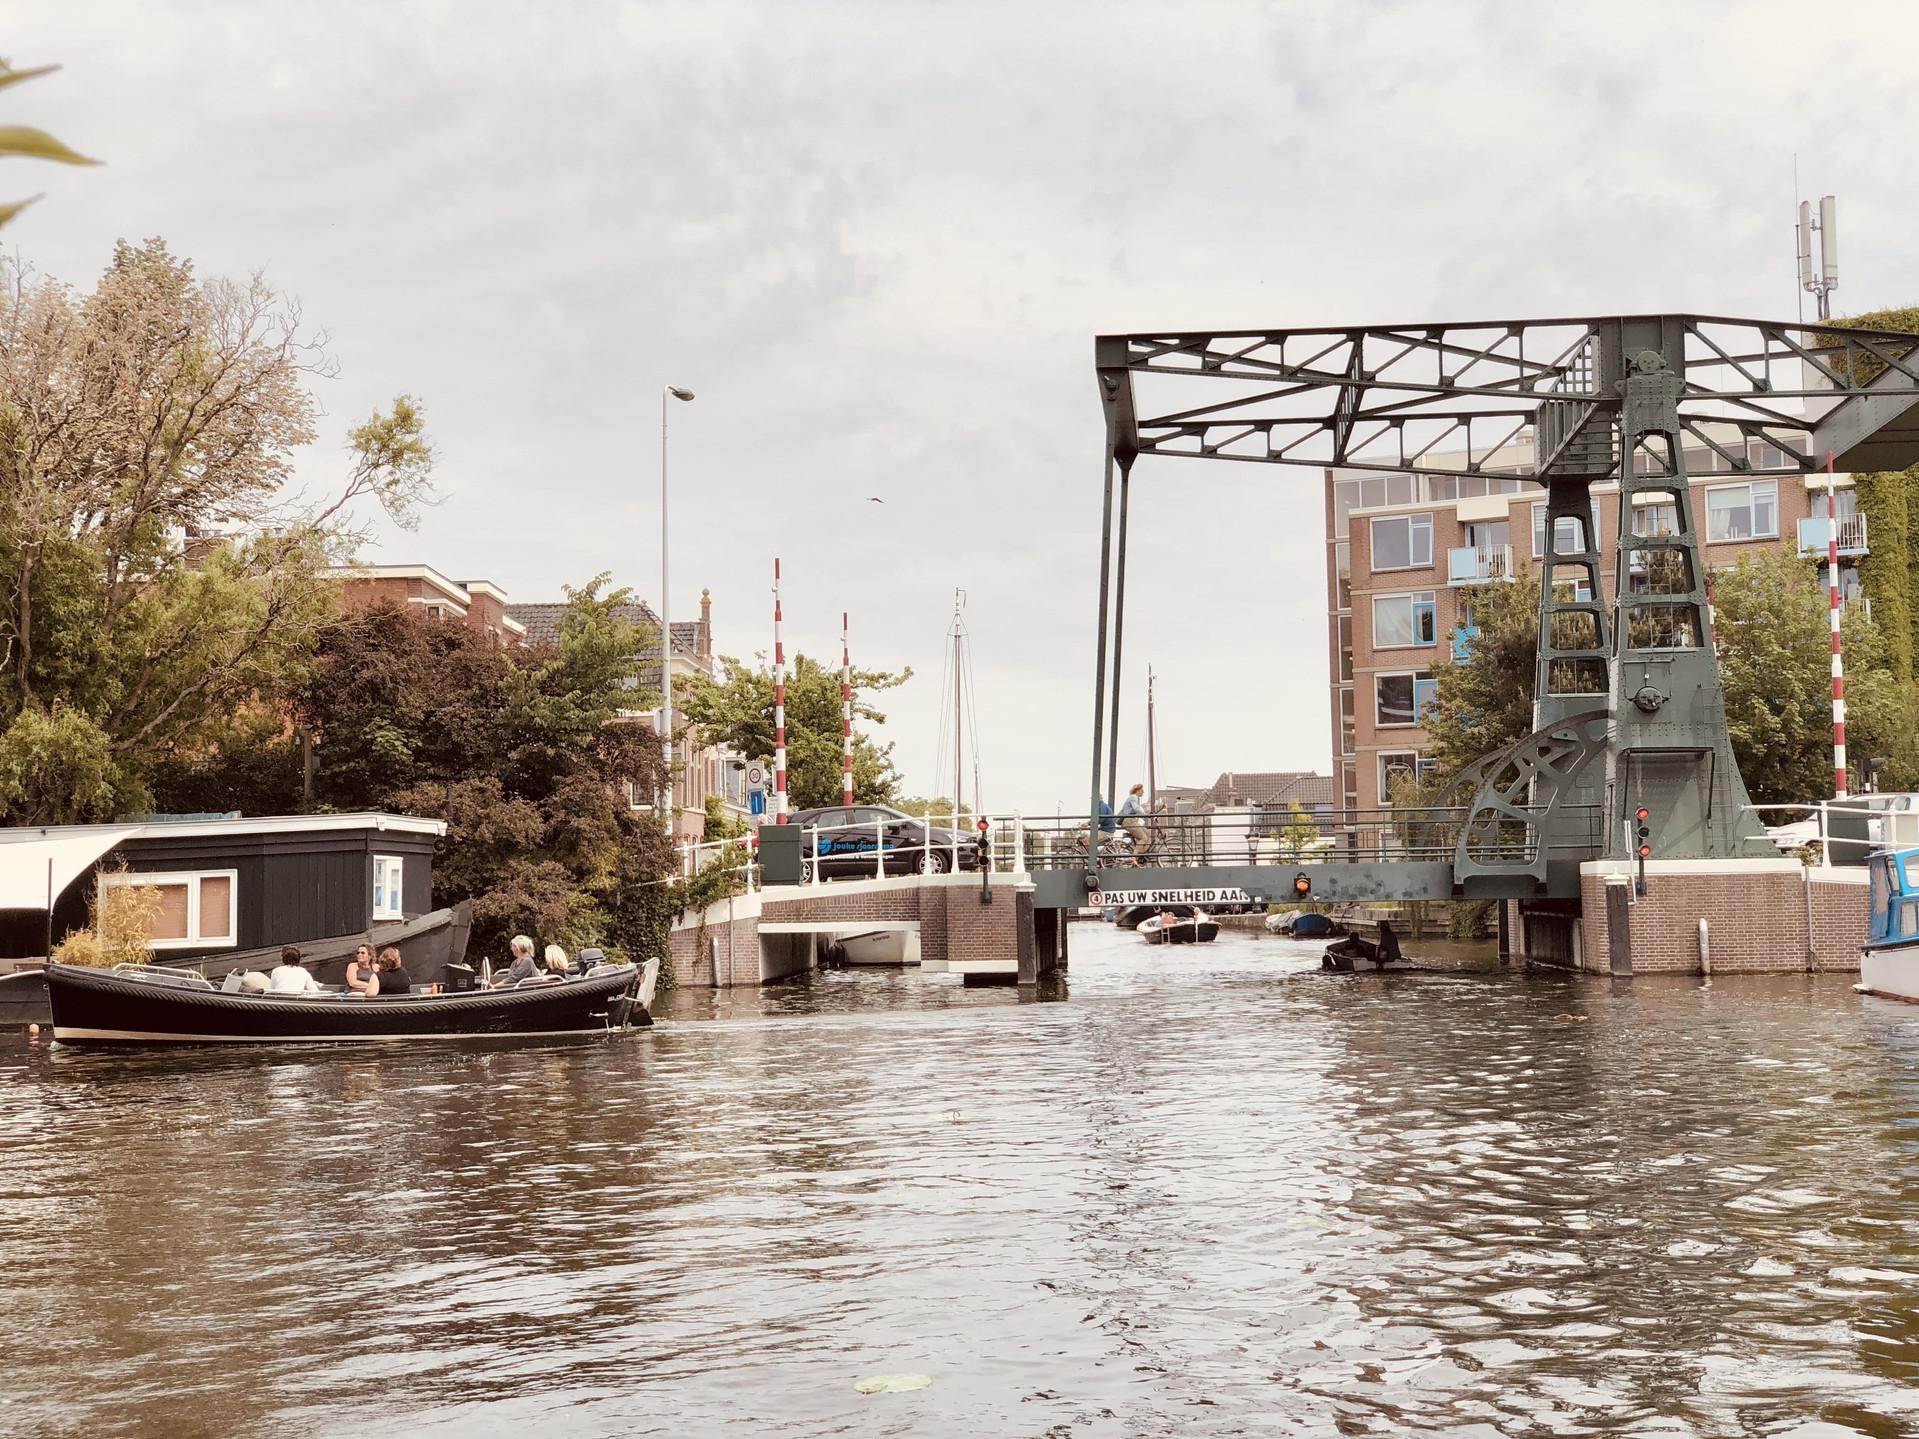 Boattrip Leiden Netherlands bridge views